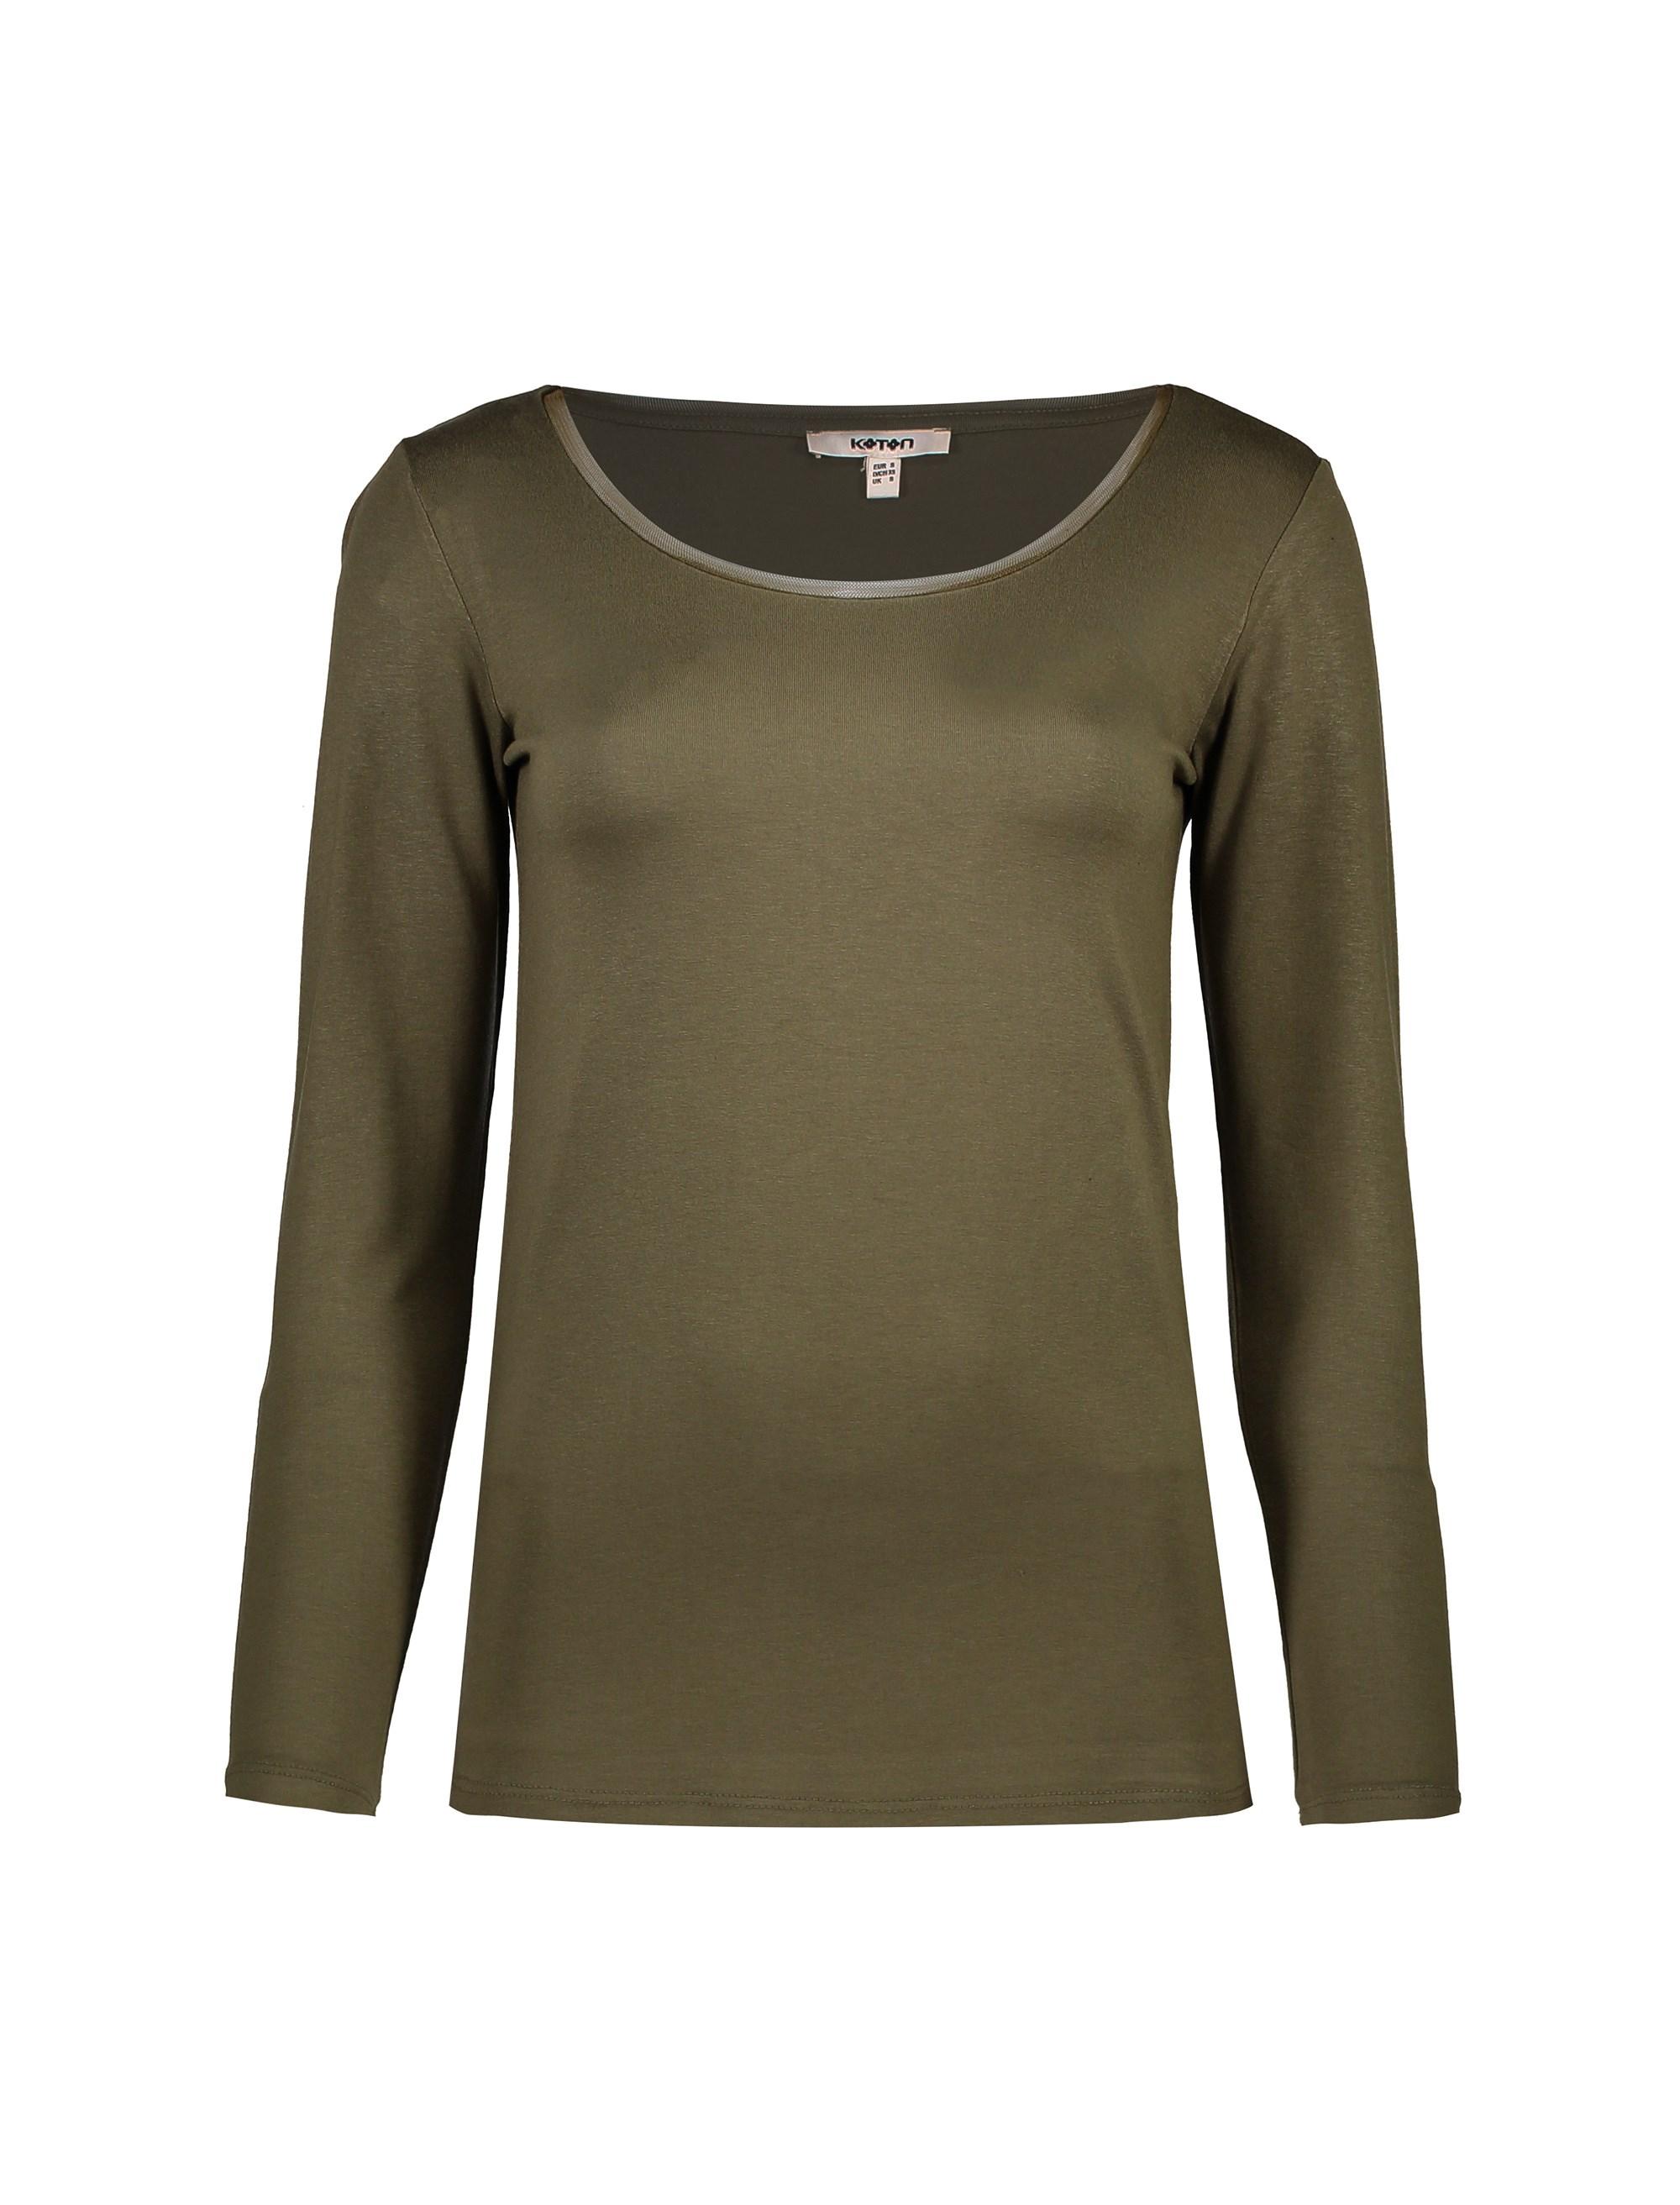 تی شرت ویسکوز آستین بلند زنانه - کوتون - خاکي - 1